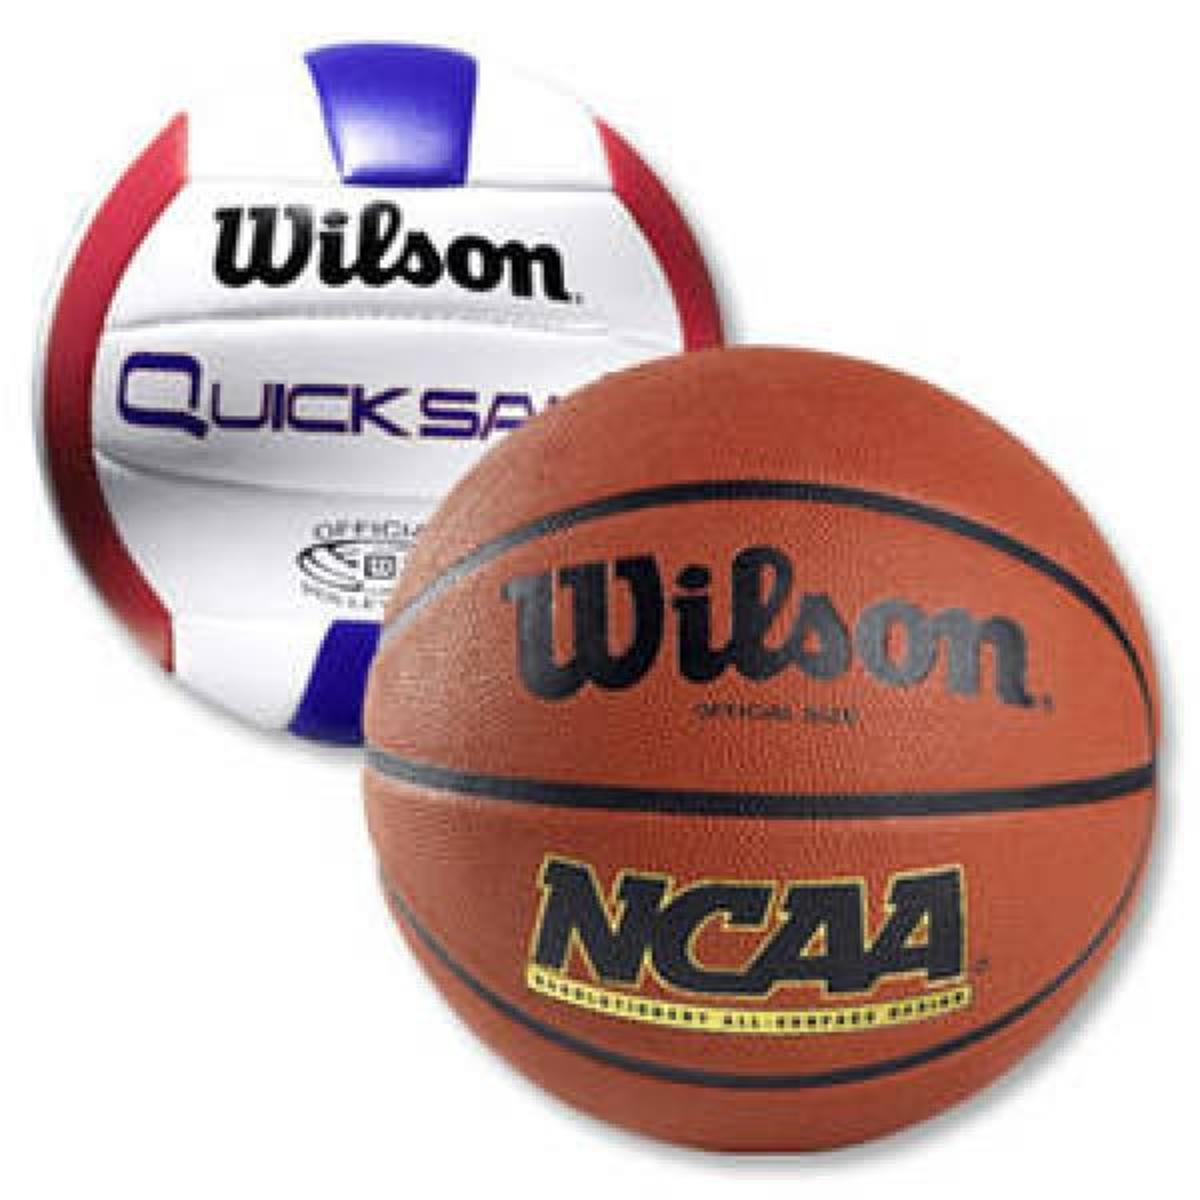 Image credit: http://www.discounto.de%2fAngebot%2fWilson-Basketball-oder-Volleyball-542012%2f/RK=0/RS=nEQ_..kU9F5kl7_7xDcIlOEjCcQ-